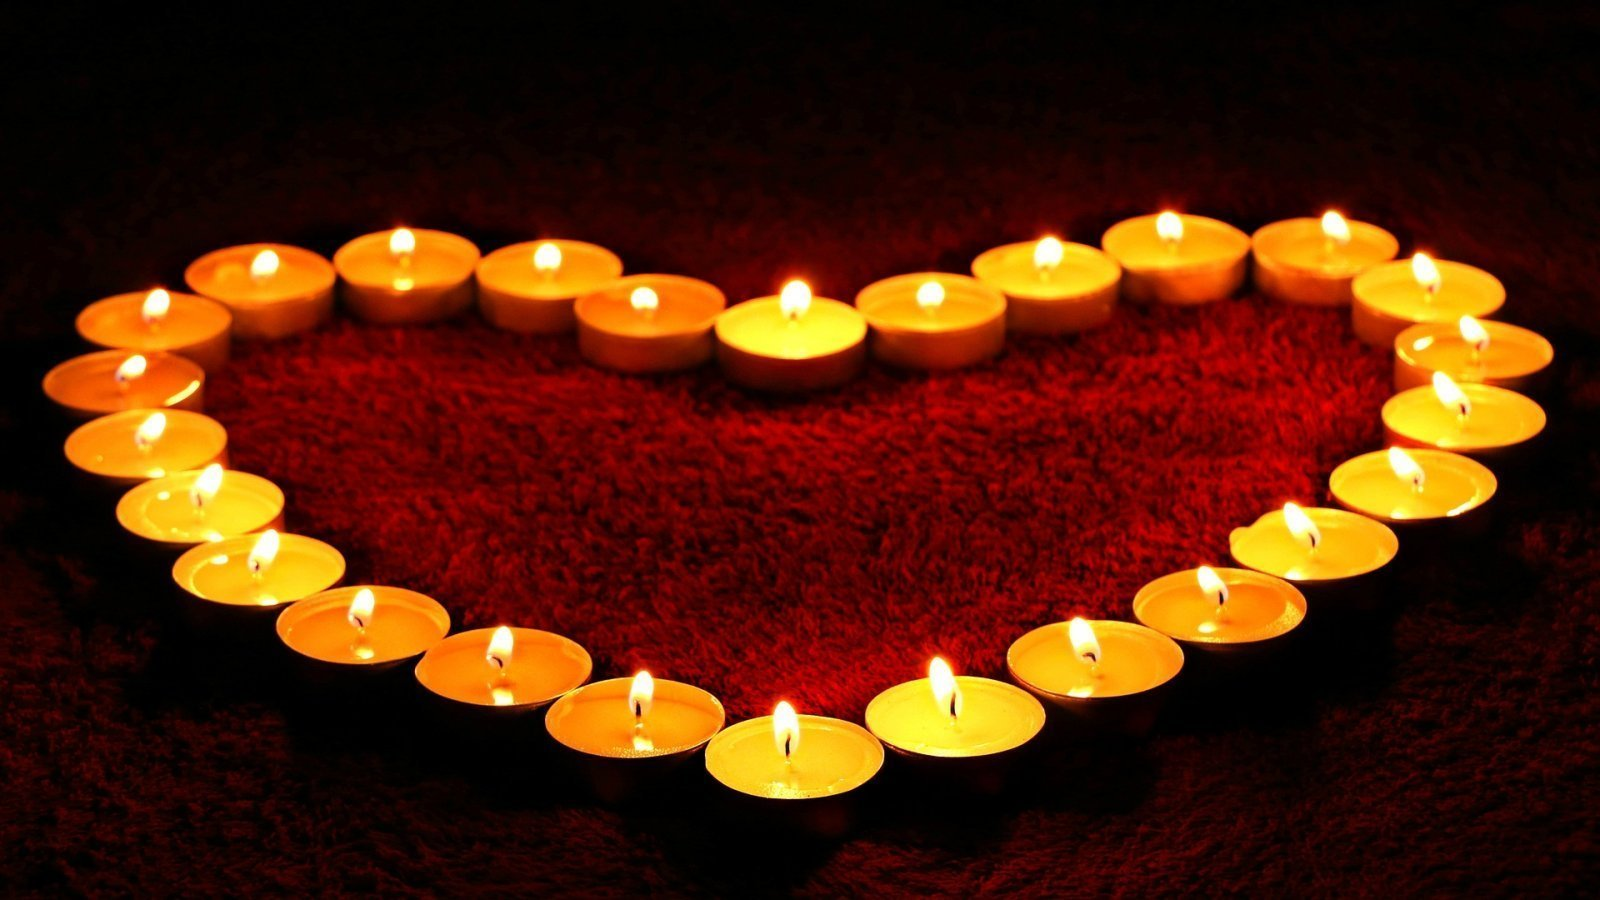 ROMANTICKÝ POBYT s večeří při svíčkách